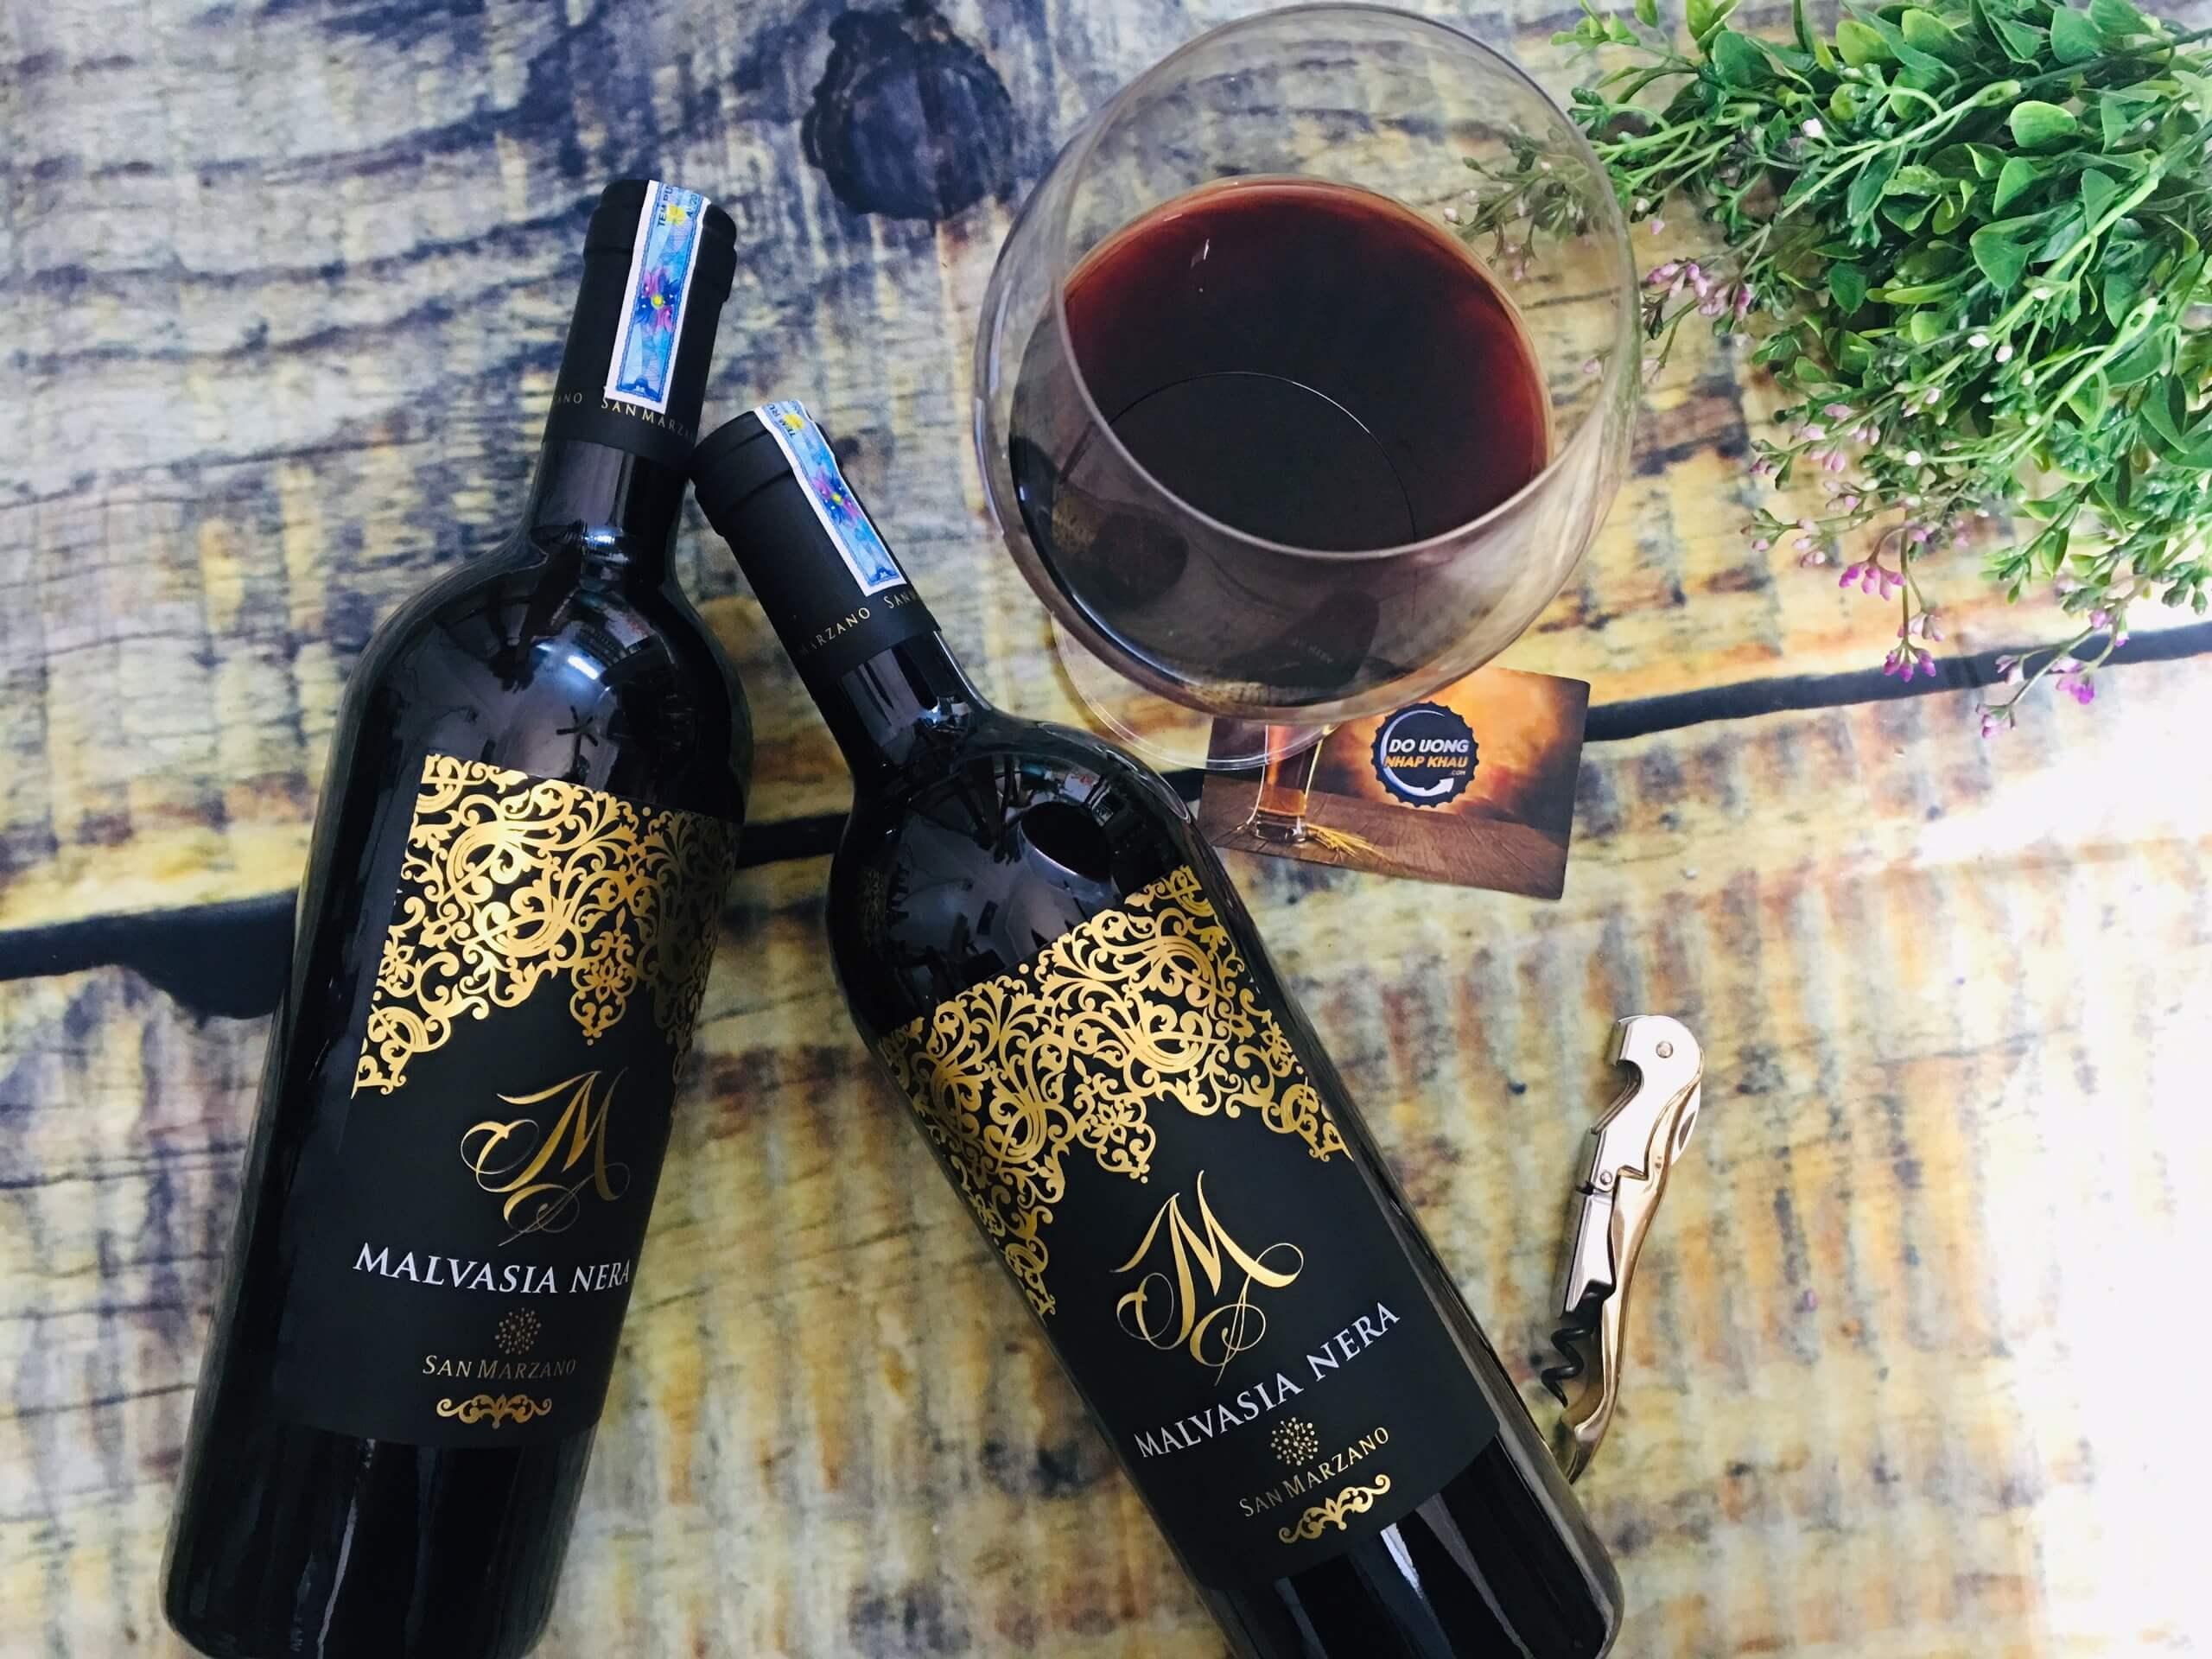 10 chai rượu vang chát - rượu vang ngọt đáng thưởng thức nhất hiện nay